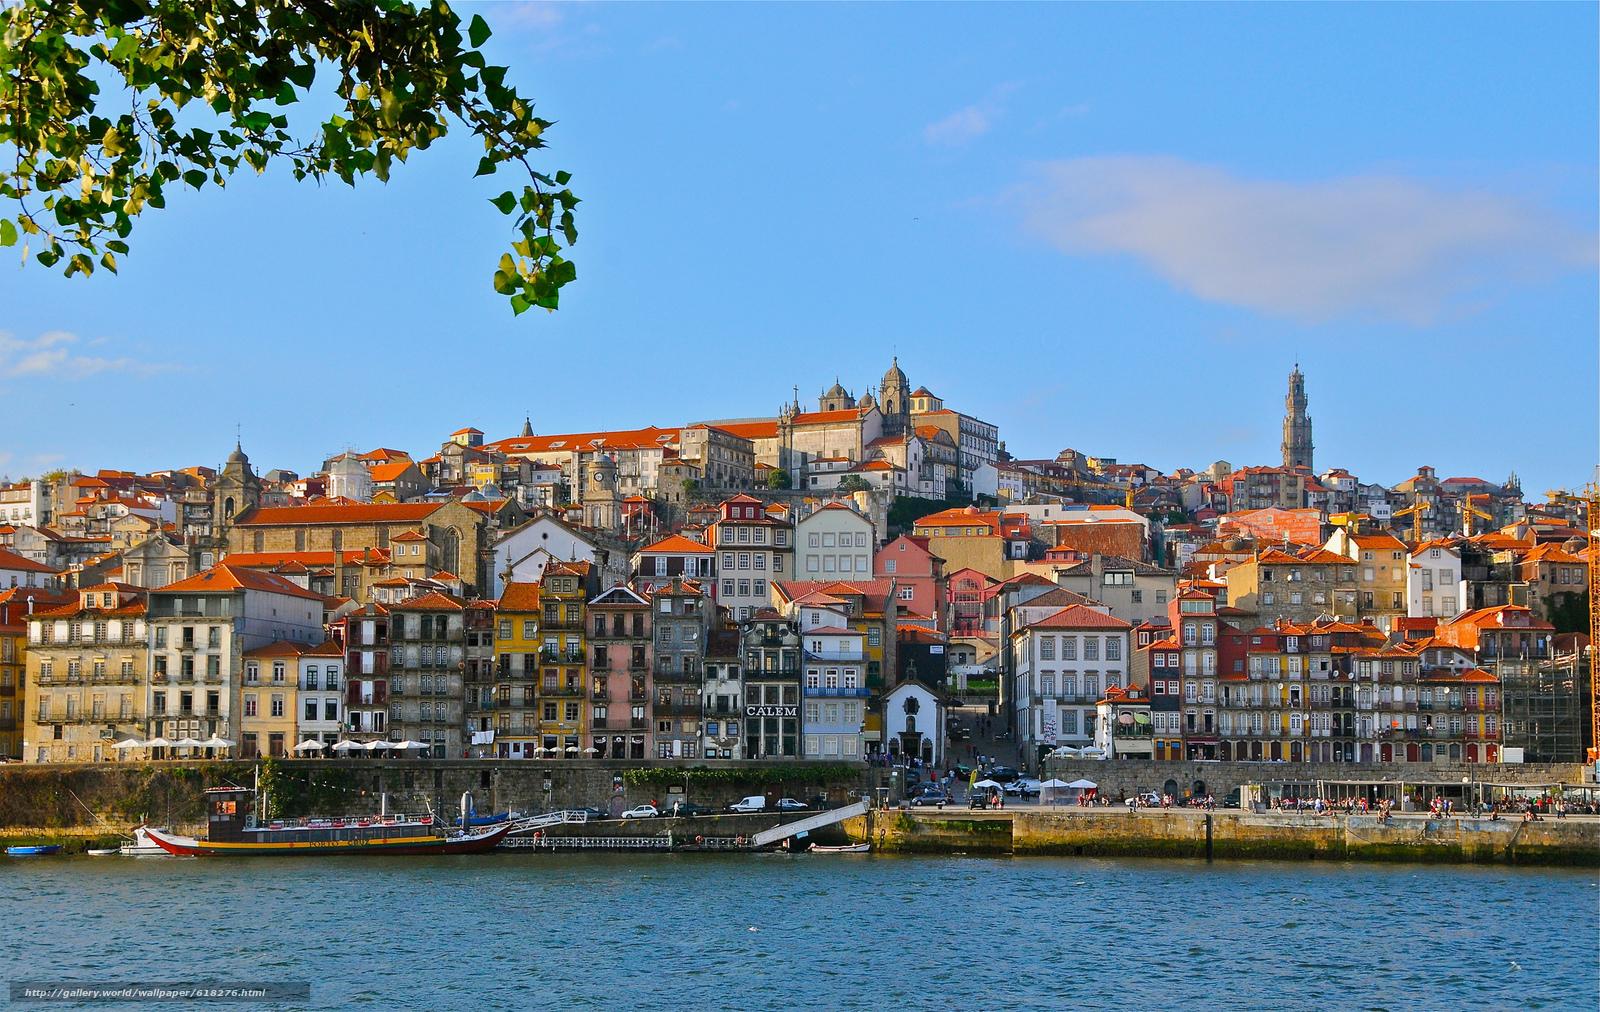 Скачать обои Vila Nova de Gaia,  Porto,  Portugal,  Douro River бесплатно для рабочего стола в разрешении 2048x1295 — картинка №618276